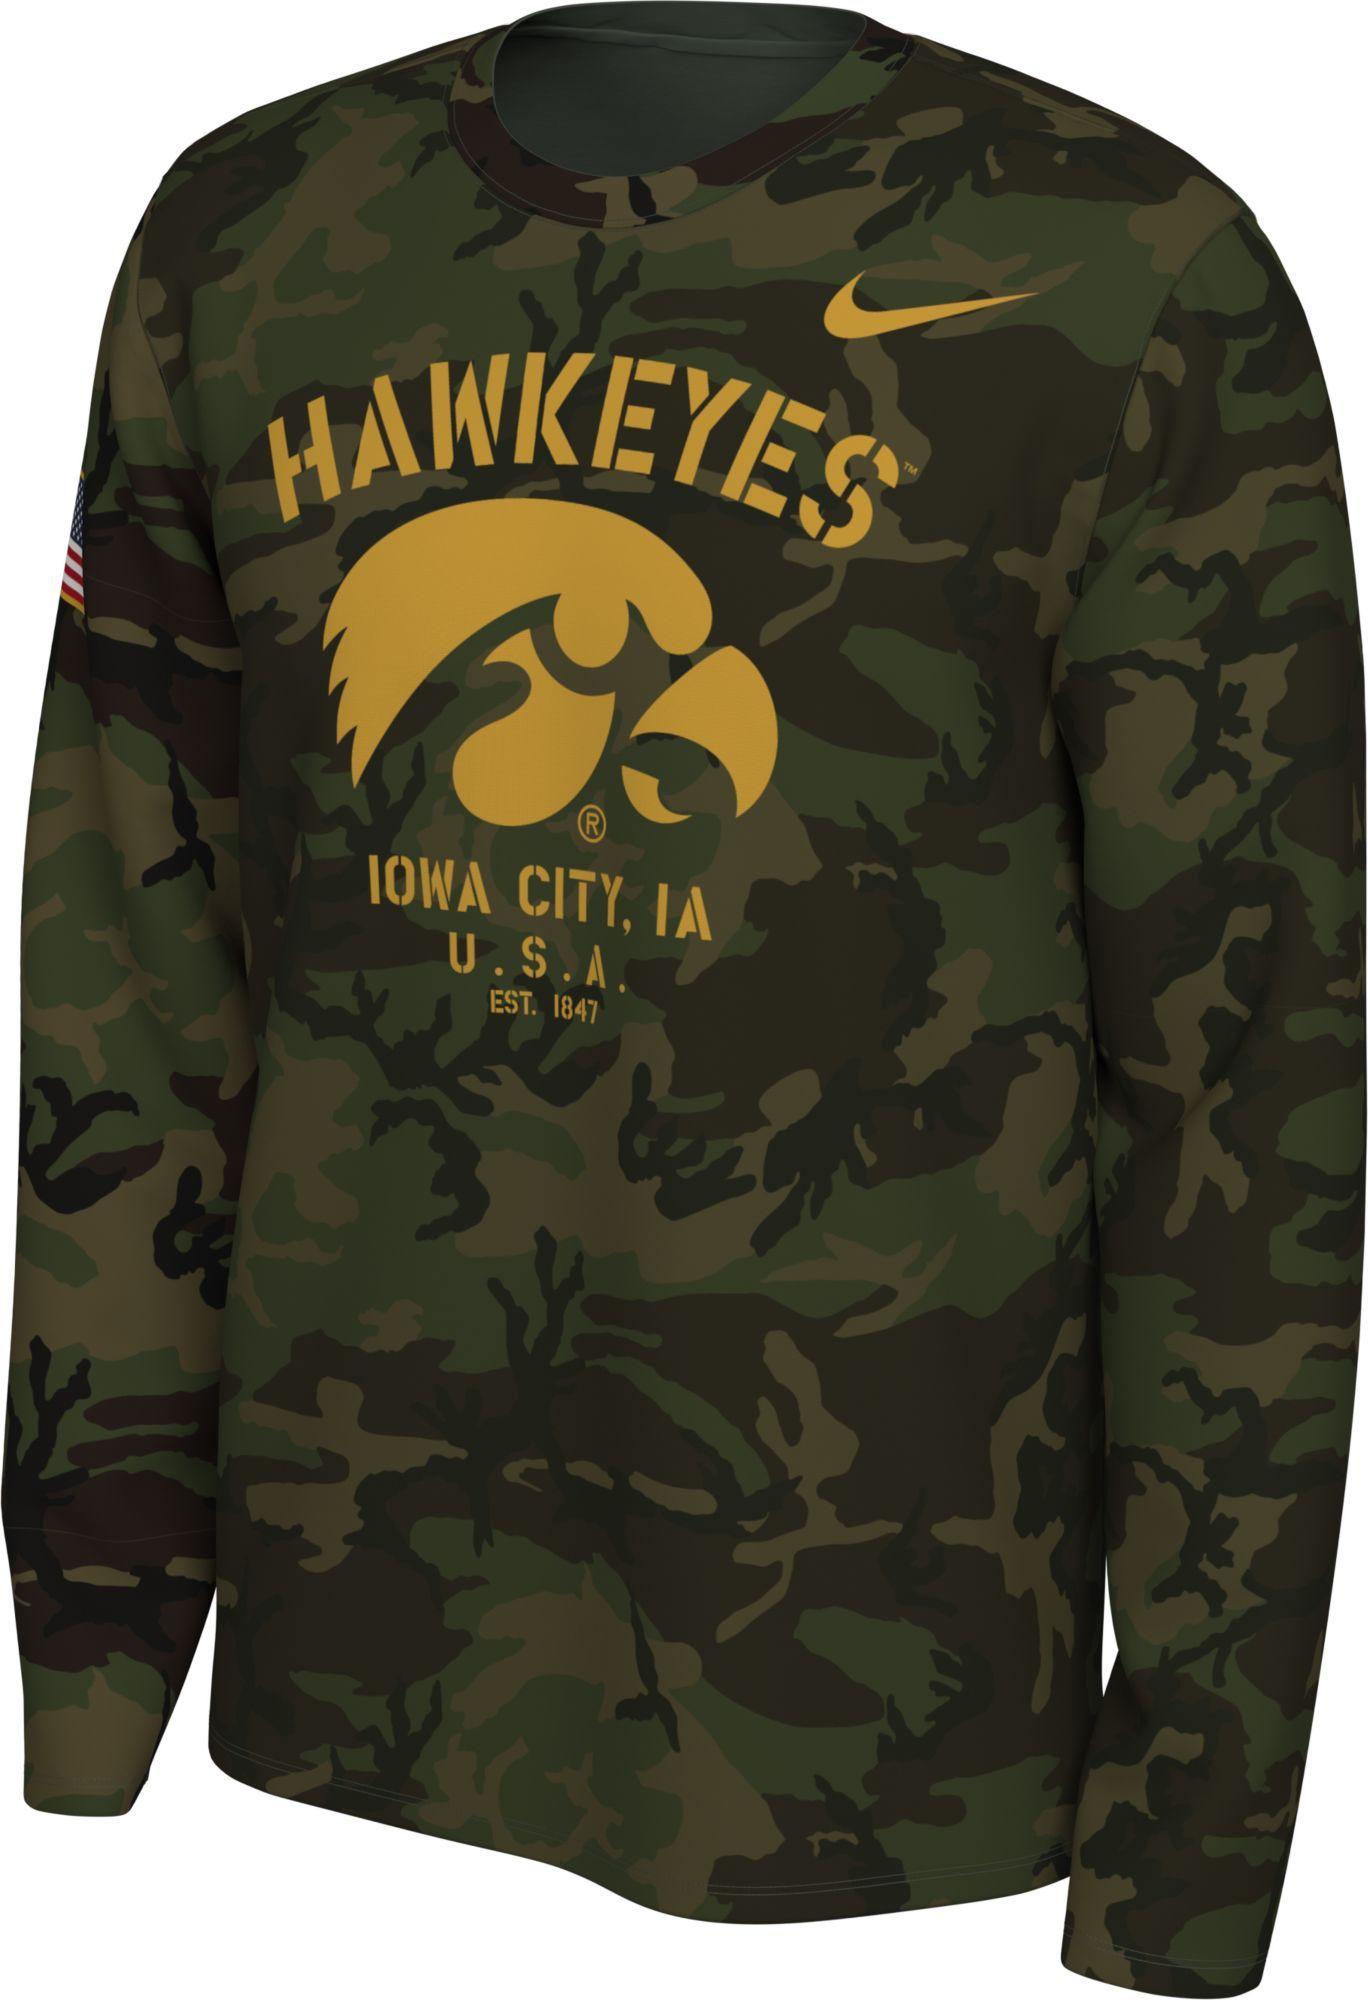 Nike Men S Iowa Hawkeyes Camo Veteran Long Sleeve T Shirt In 2020 Nike Men Iowa T Shirt [ 2000 x 1368 Pixel ]